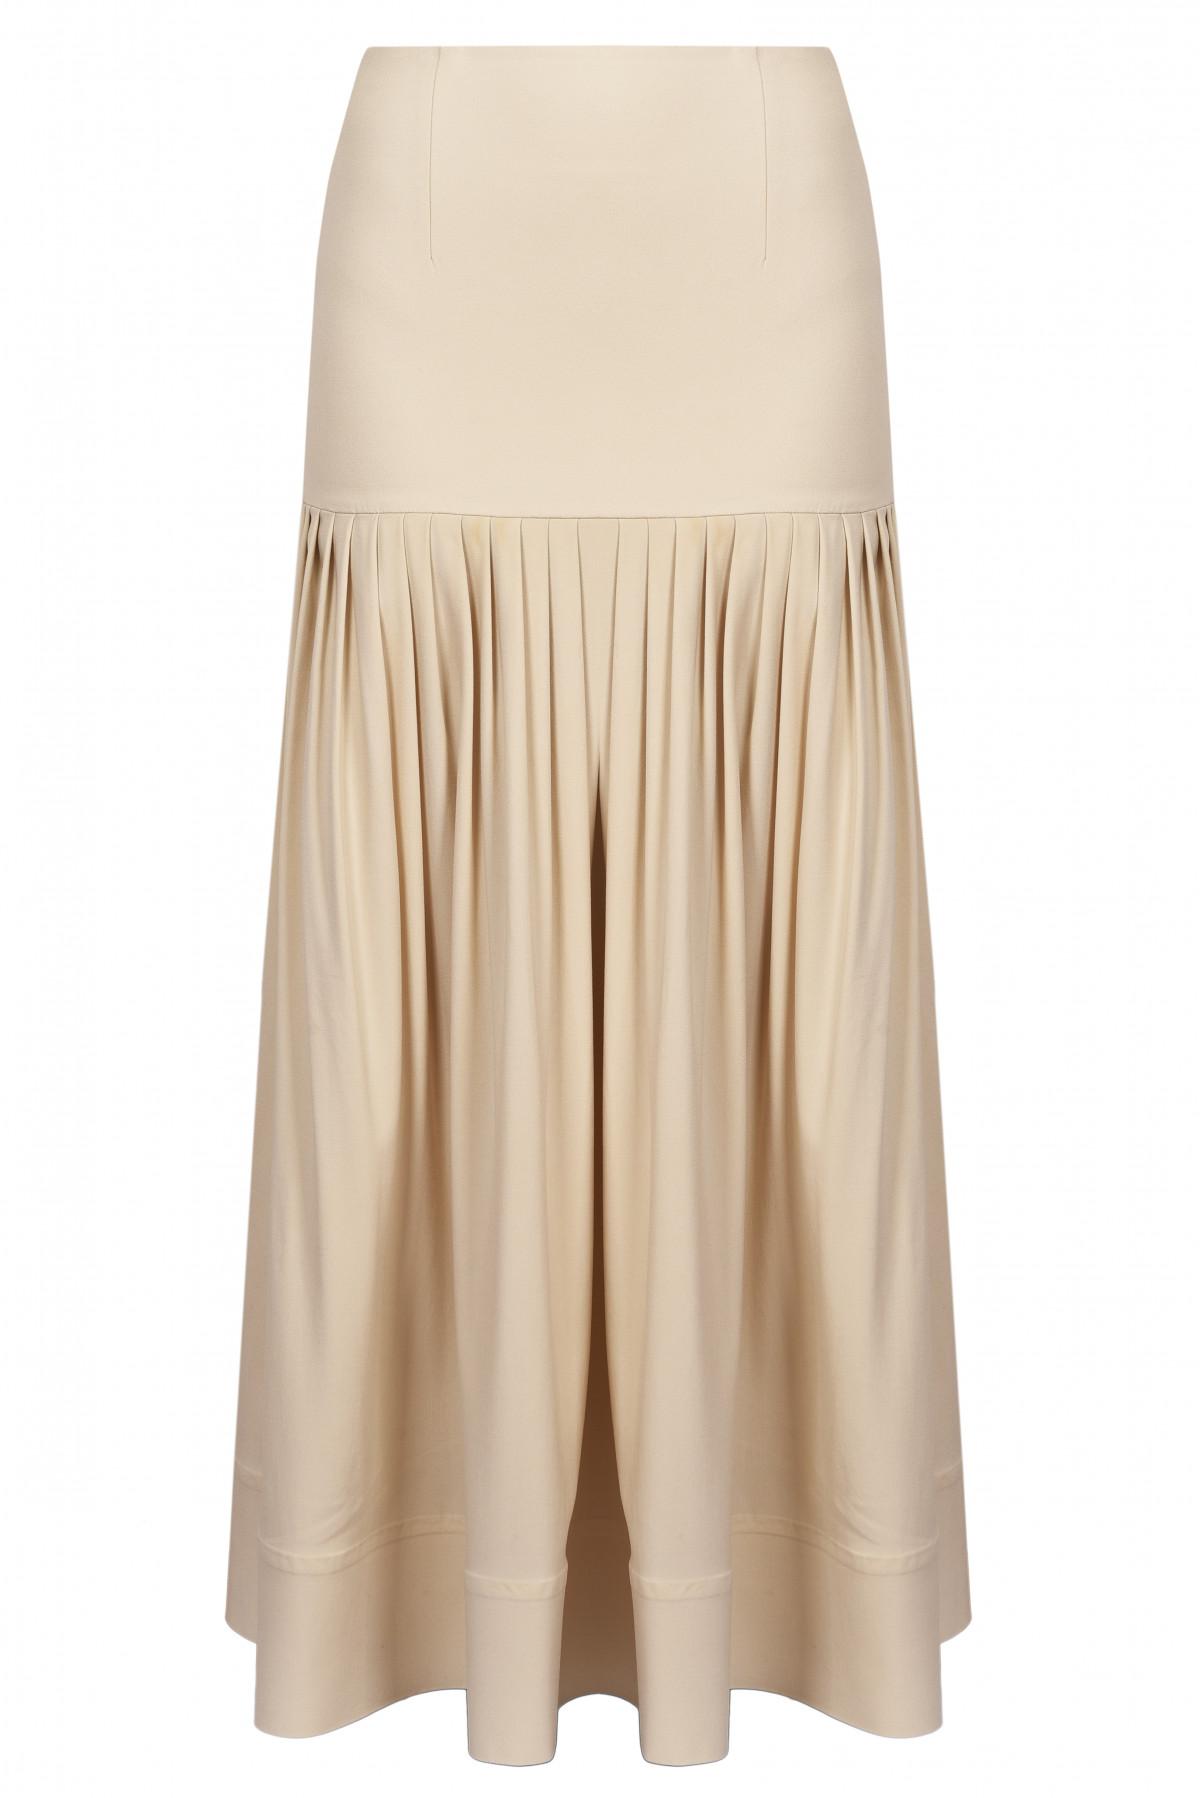 5adcdf504 GEORGE KEBURIA - Pleated drop waist midi skirt